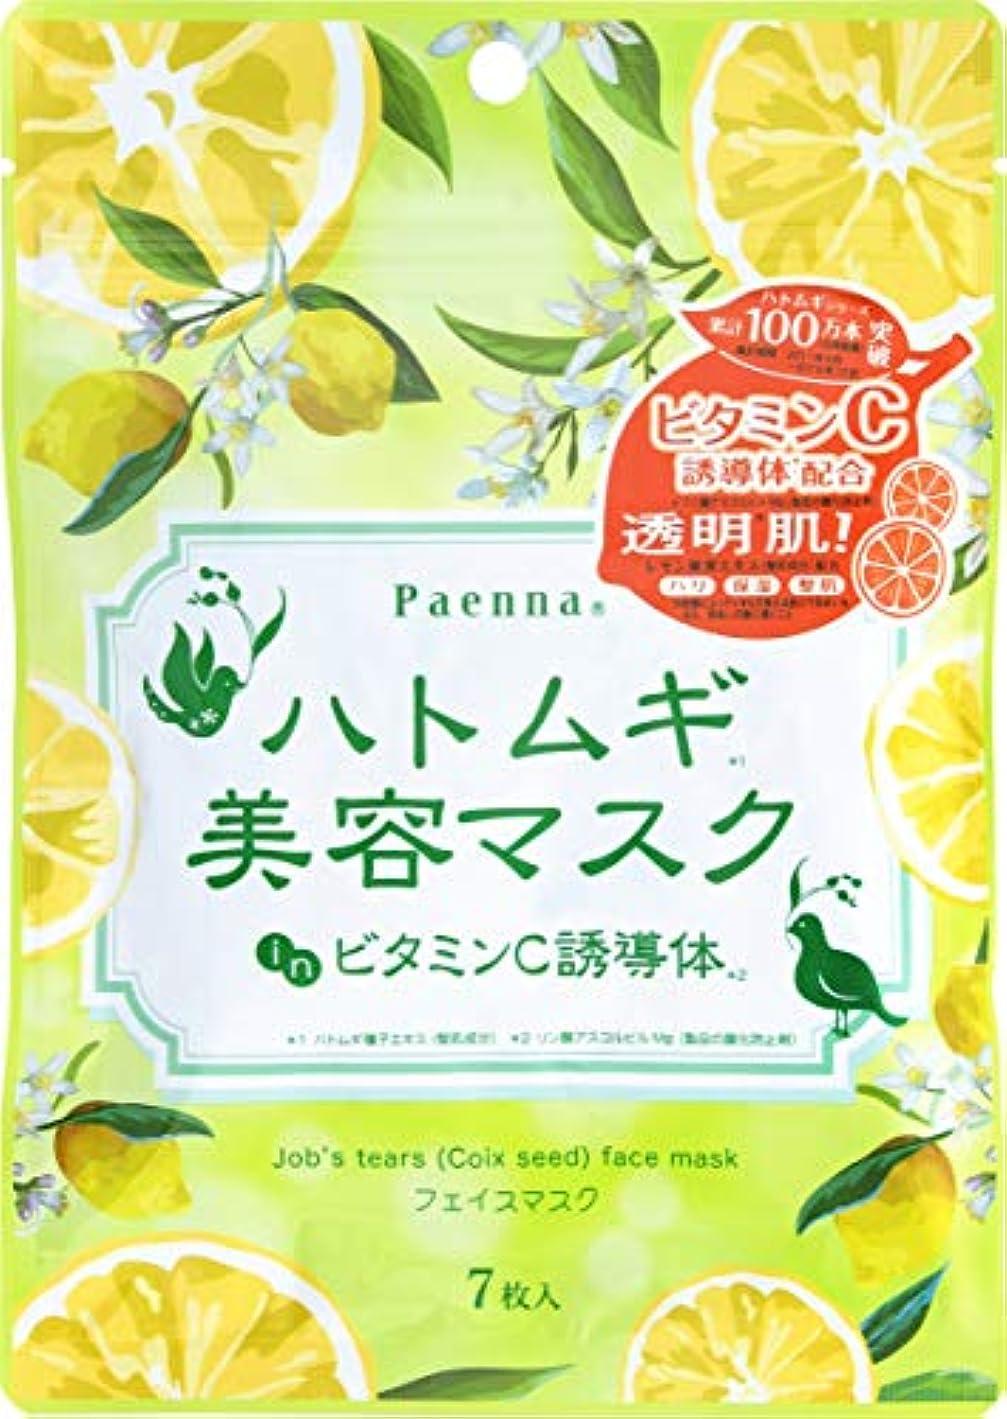 シンプトン養う含むパエンナ ハトムギ美容マスク inビタミンC誘導体 7枚(90ml)